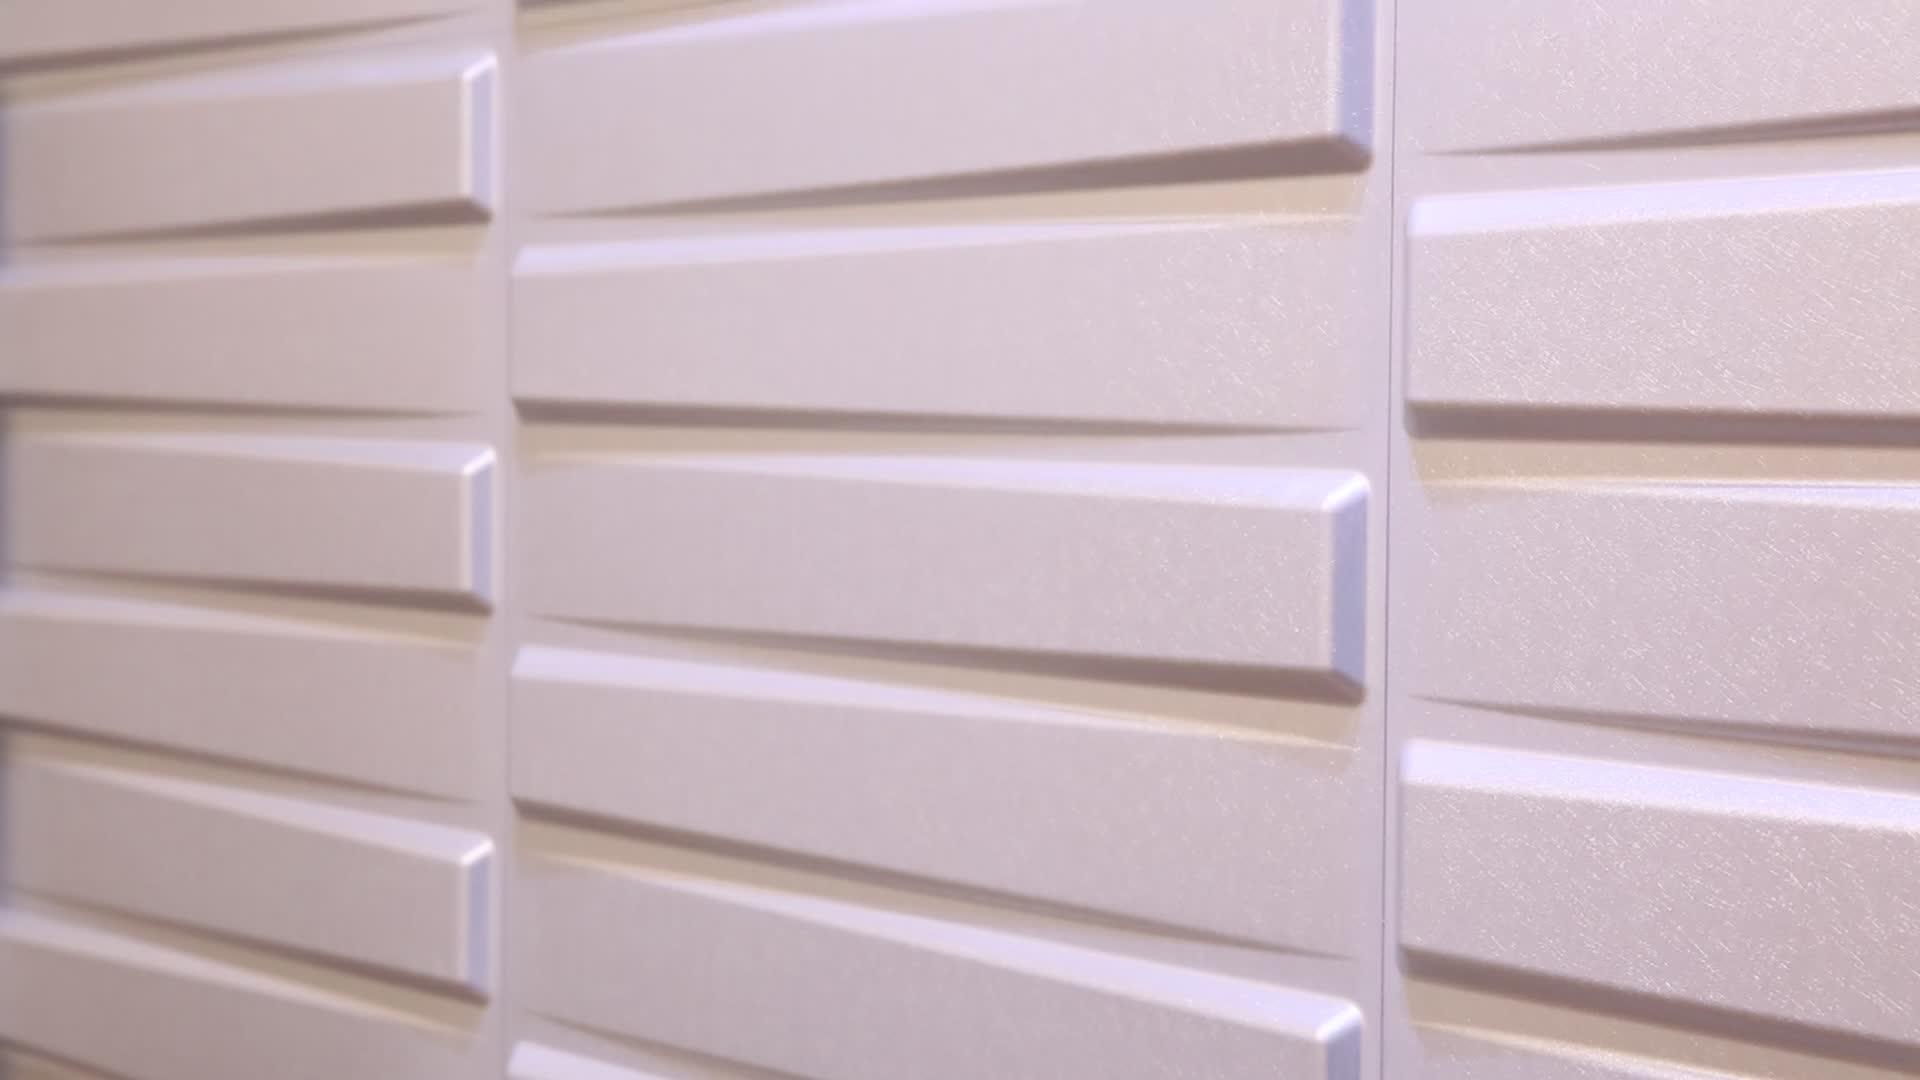 kính 3d nghệ thuật chạm nổi trang trí tường nội thất phim hoạt hình tường gạch